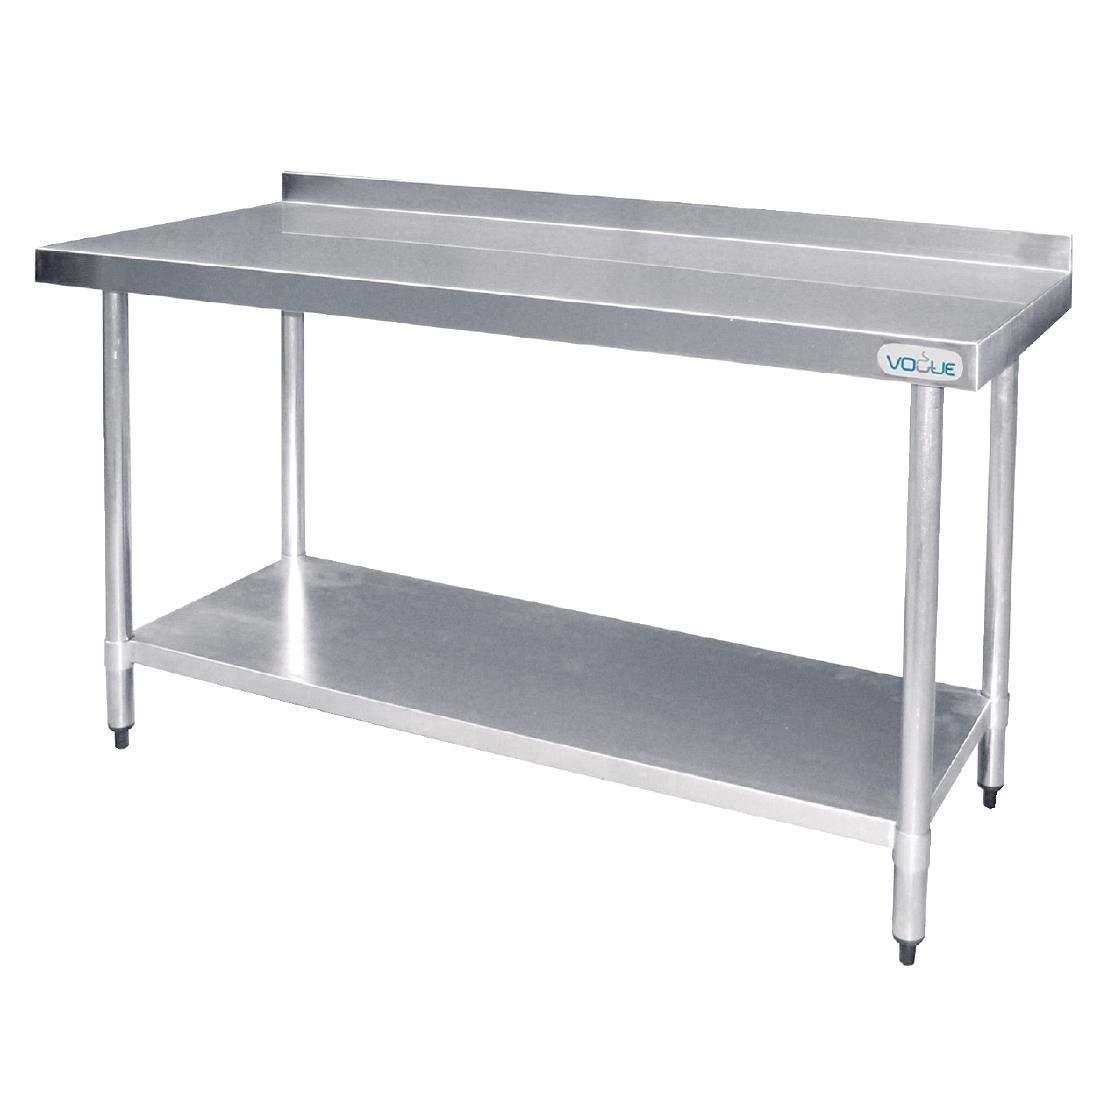 Vogue CB906/tavolo pieghevole in acciaio INOX